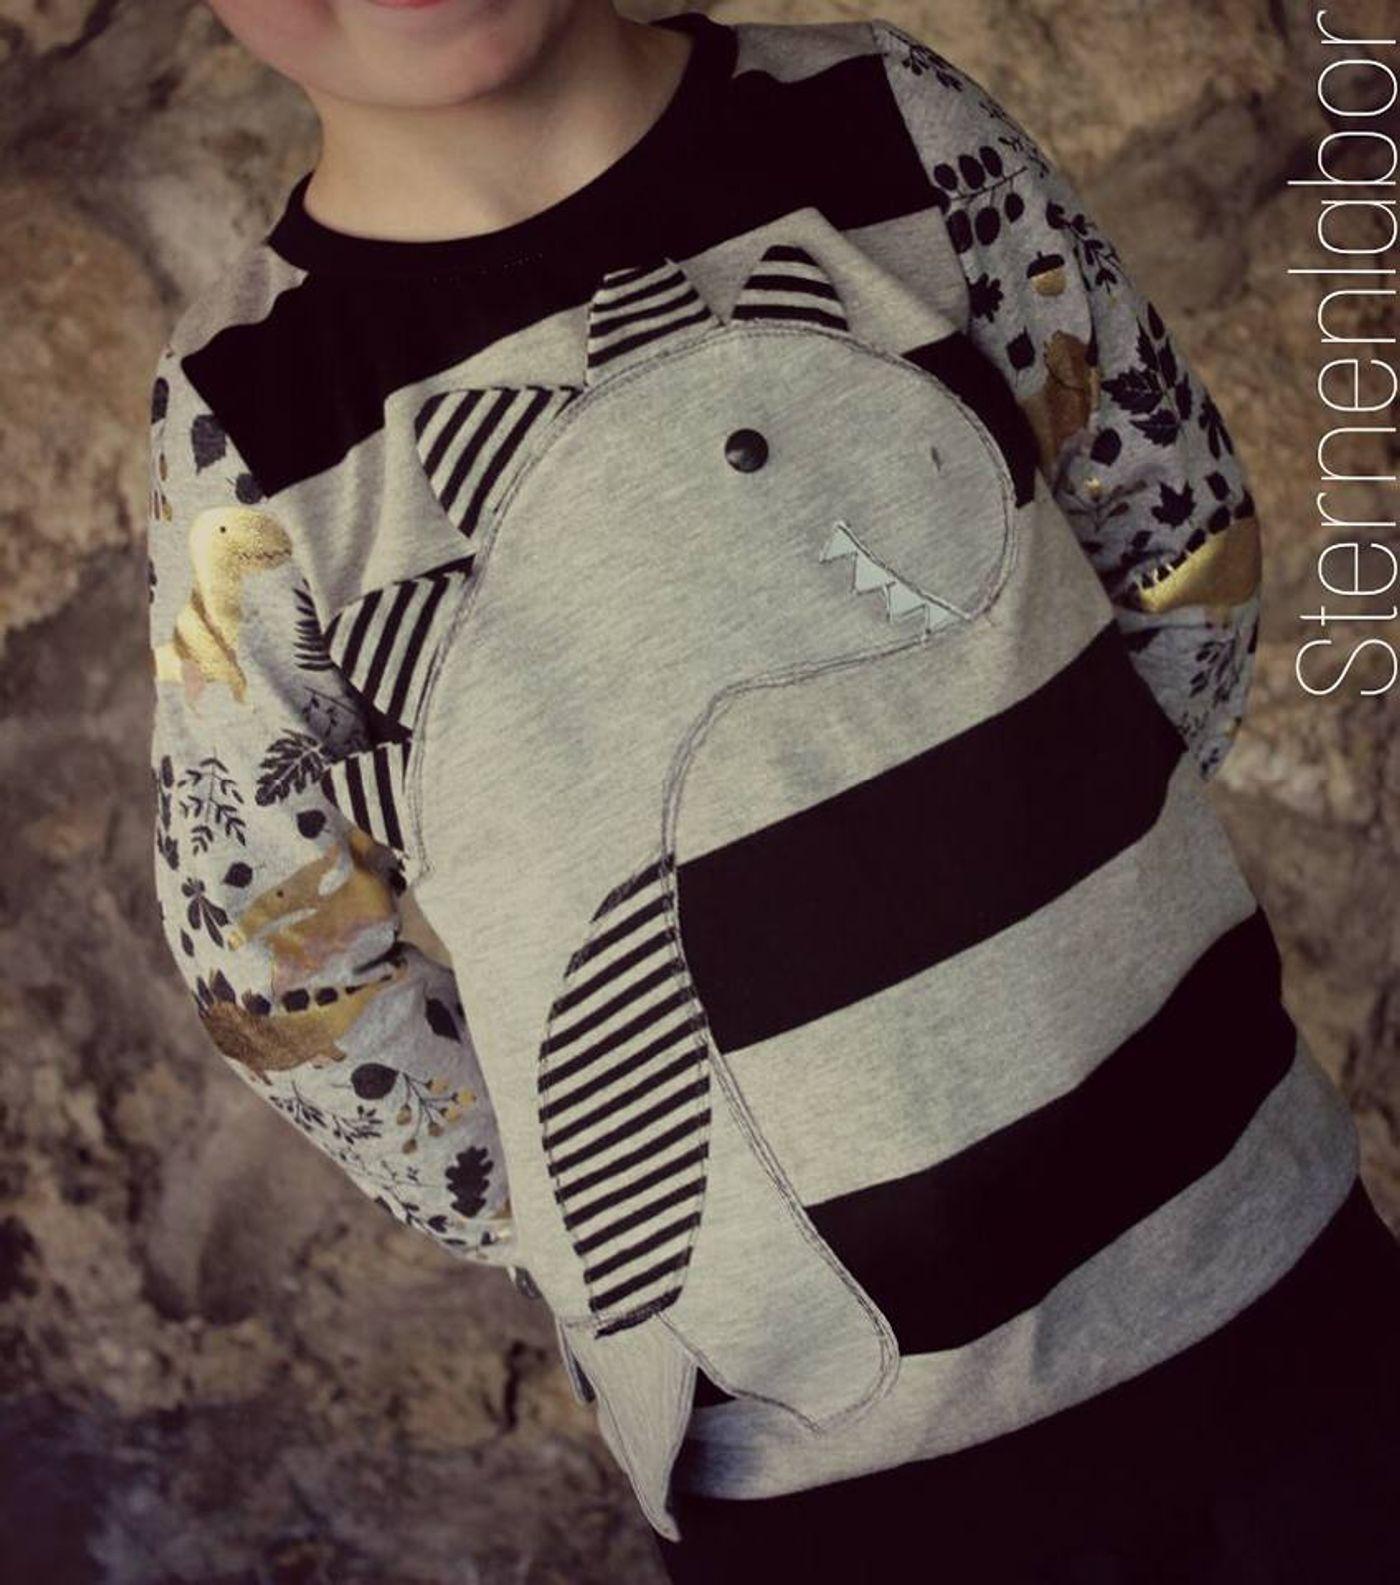 Produktfoto 13 von Katiela für Schnittmuster Ebook Shirt Tilda und Tim